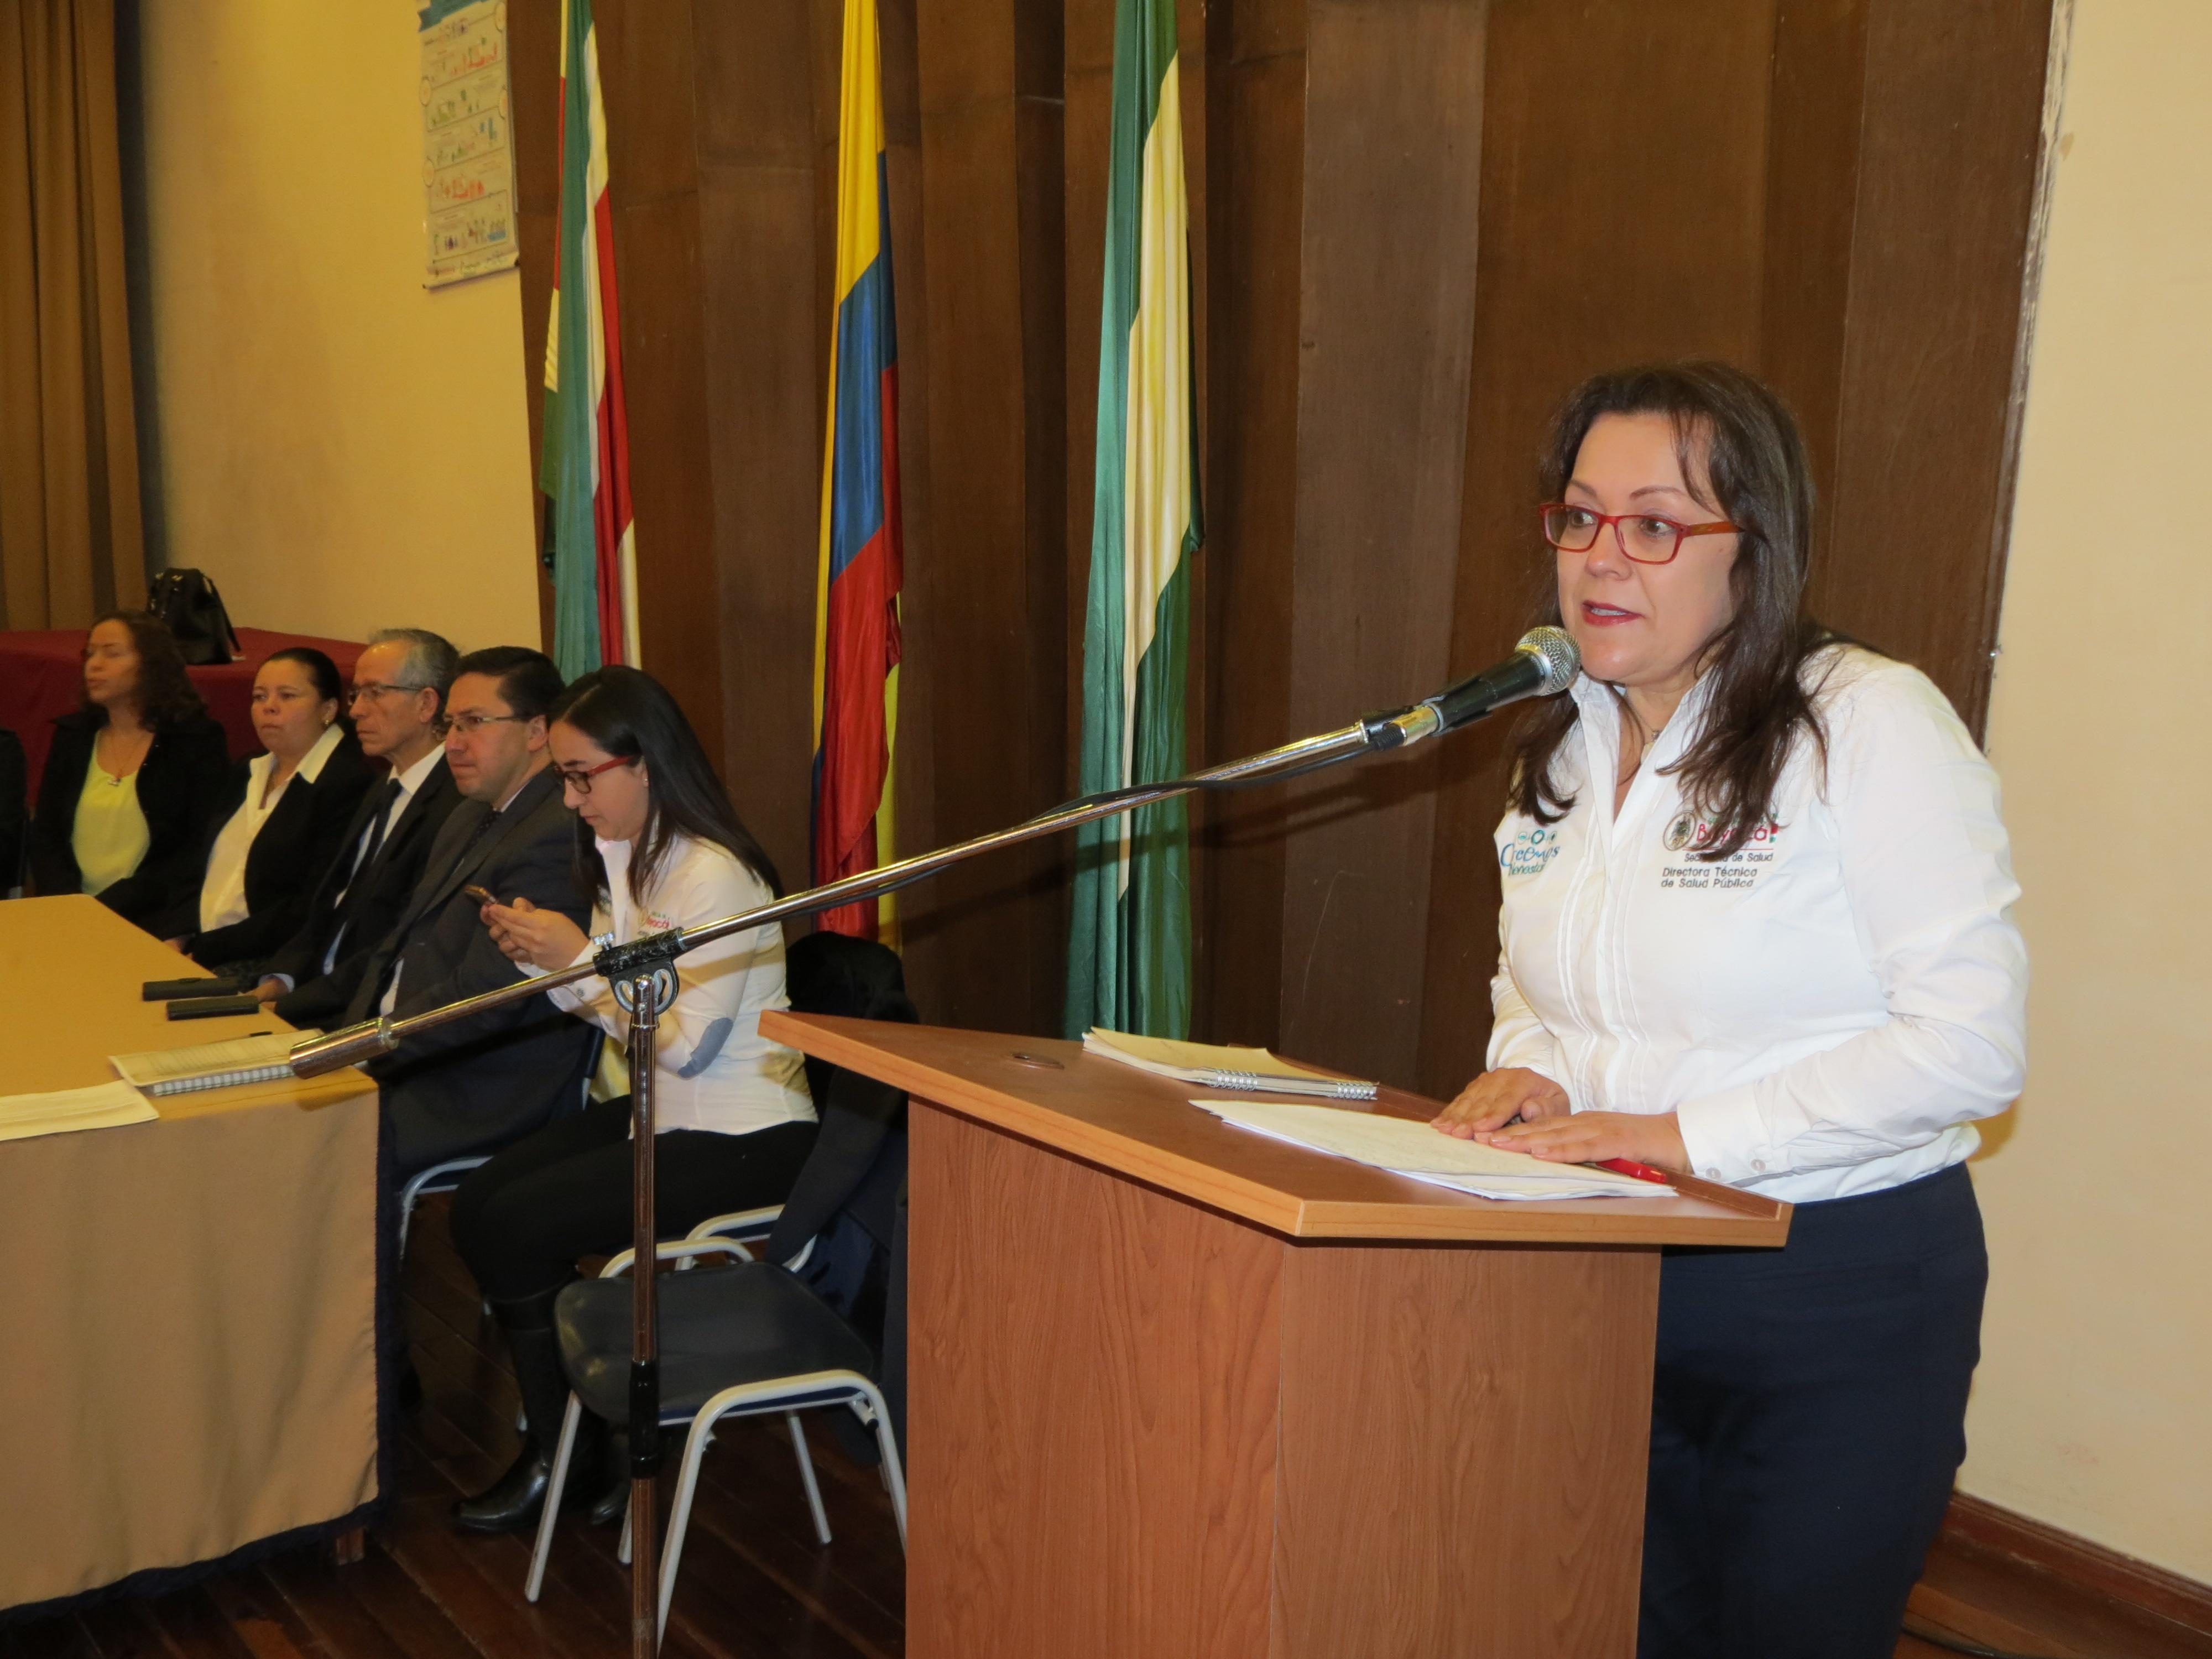 Socializan la creación del Consejo Territorial de Salud Ambiental -COTSA-